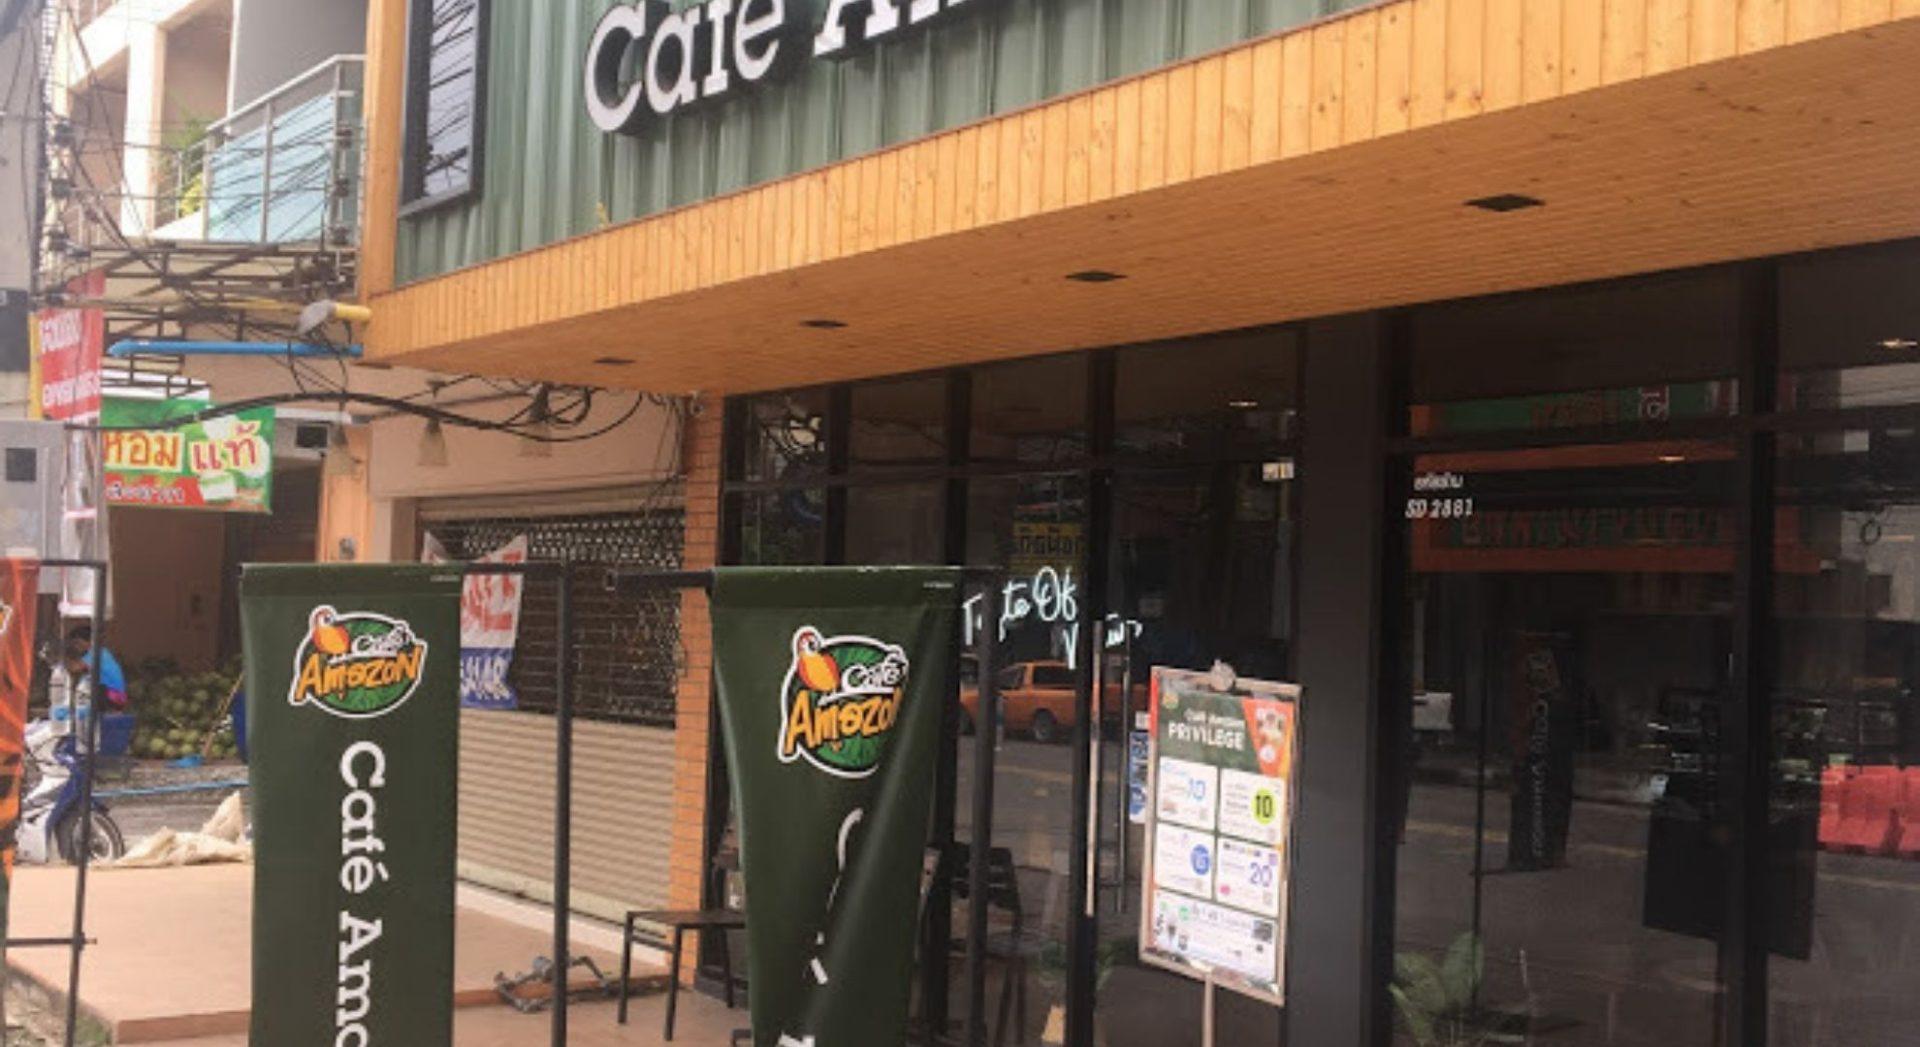 【パタヤおすすめカフェ】サードロード沿いのあるアマゾンカフェが居心地が良くてオススメ